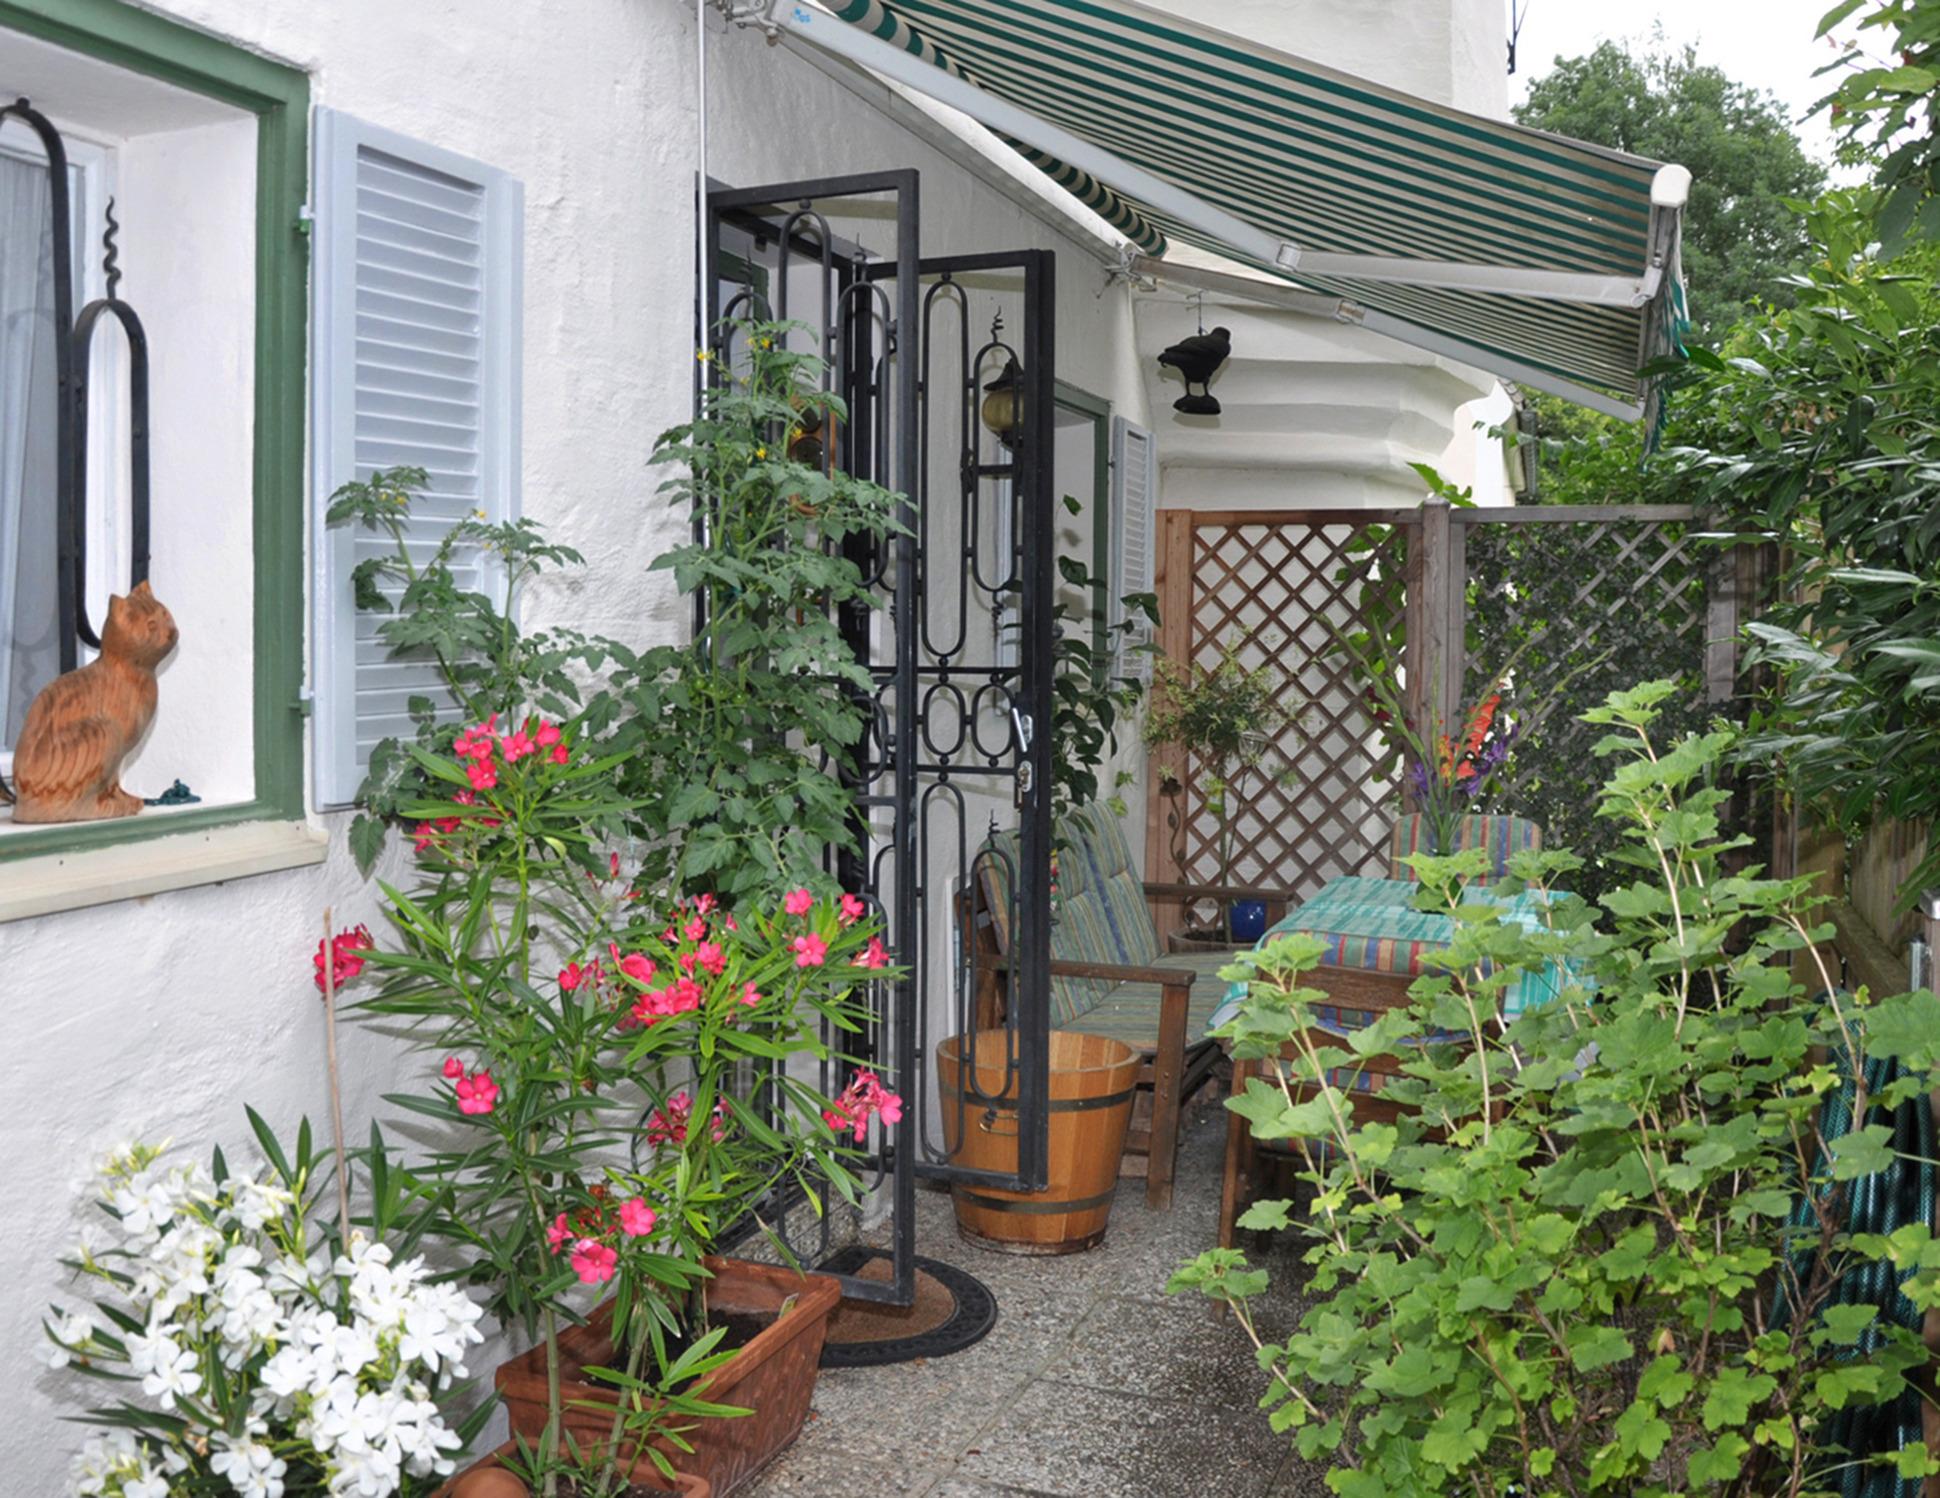 Appartement de vacances Salzburg/Ferienparadies am See/Goldener Herbst/ Christmas & Sylvester (2374298), Seekirchen am Wallersee, Salzbourg plaine, Salzbourg, Autriche, image 10